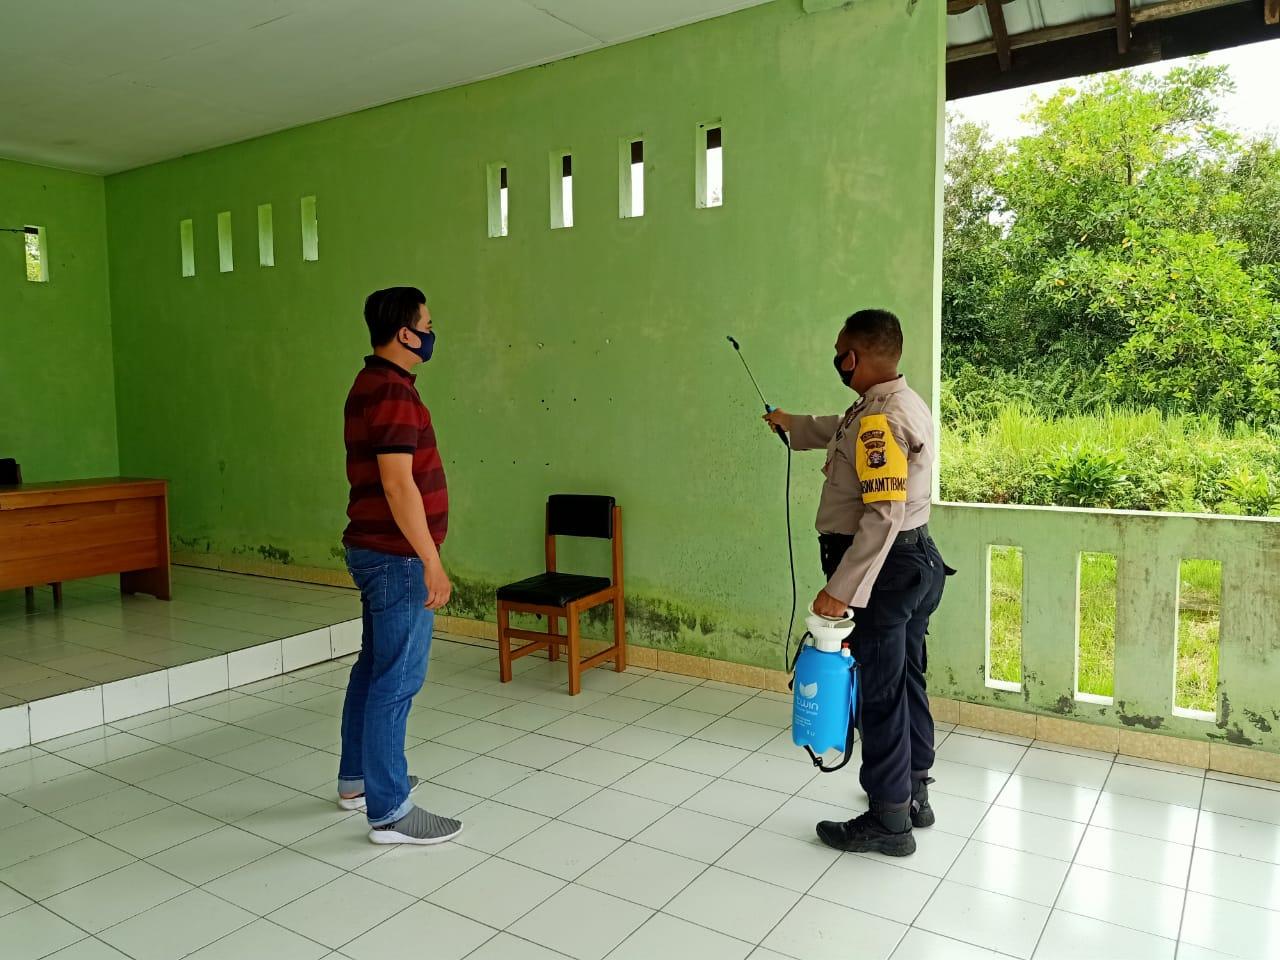 Putus Penularan Covid-19, Anggota Polsek Kahayan Tengah Semprot Desinfektan Pada Fasilitas Milik Desa